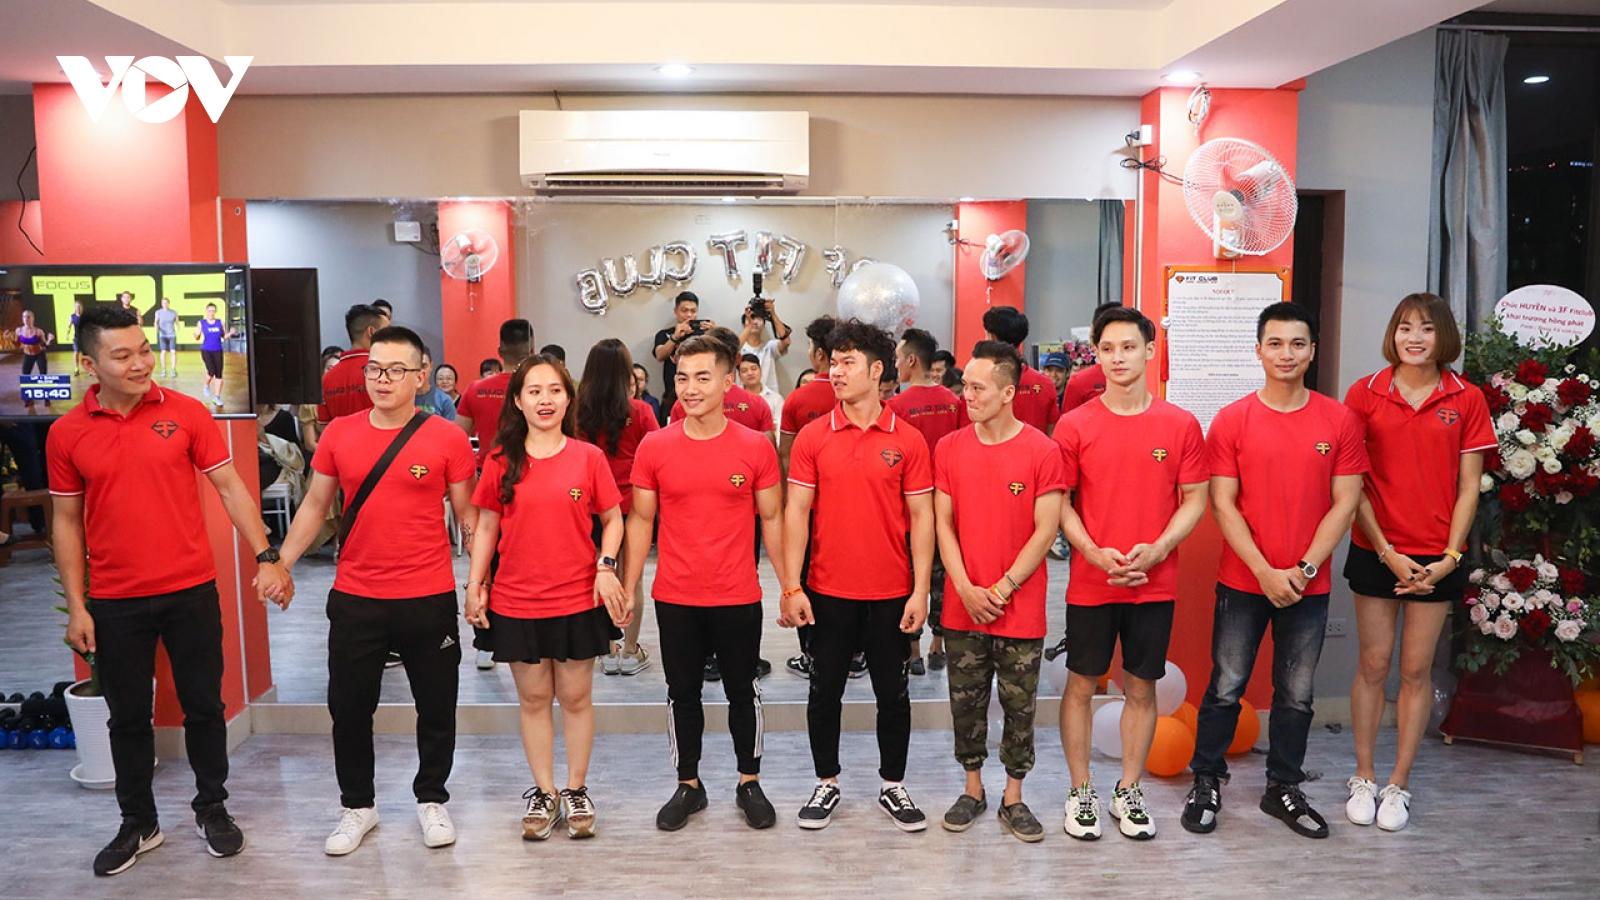 Dàn sao Thể thao quy tụ trong ngày khai trương phòng tập miễn phí của Phạm Phước Hưng